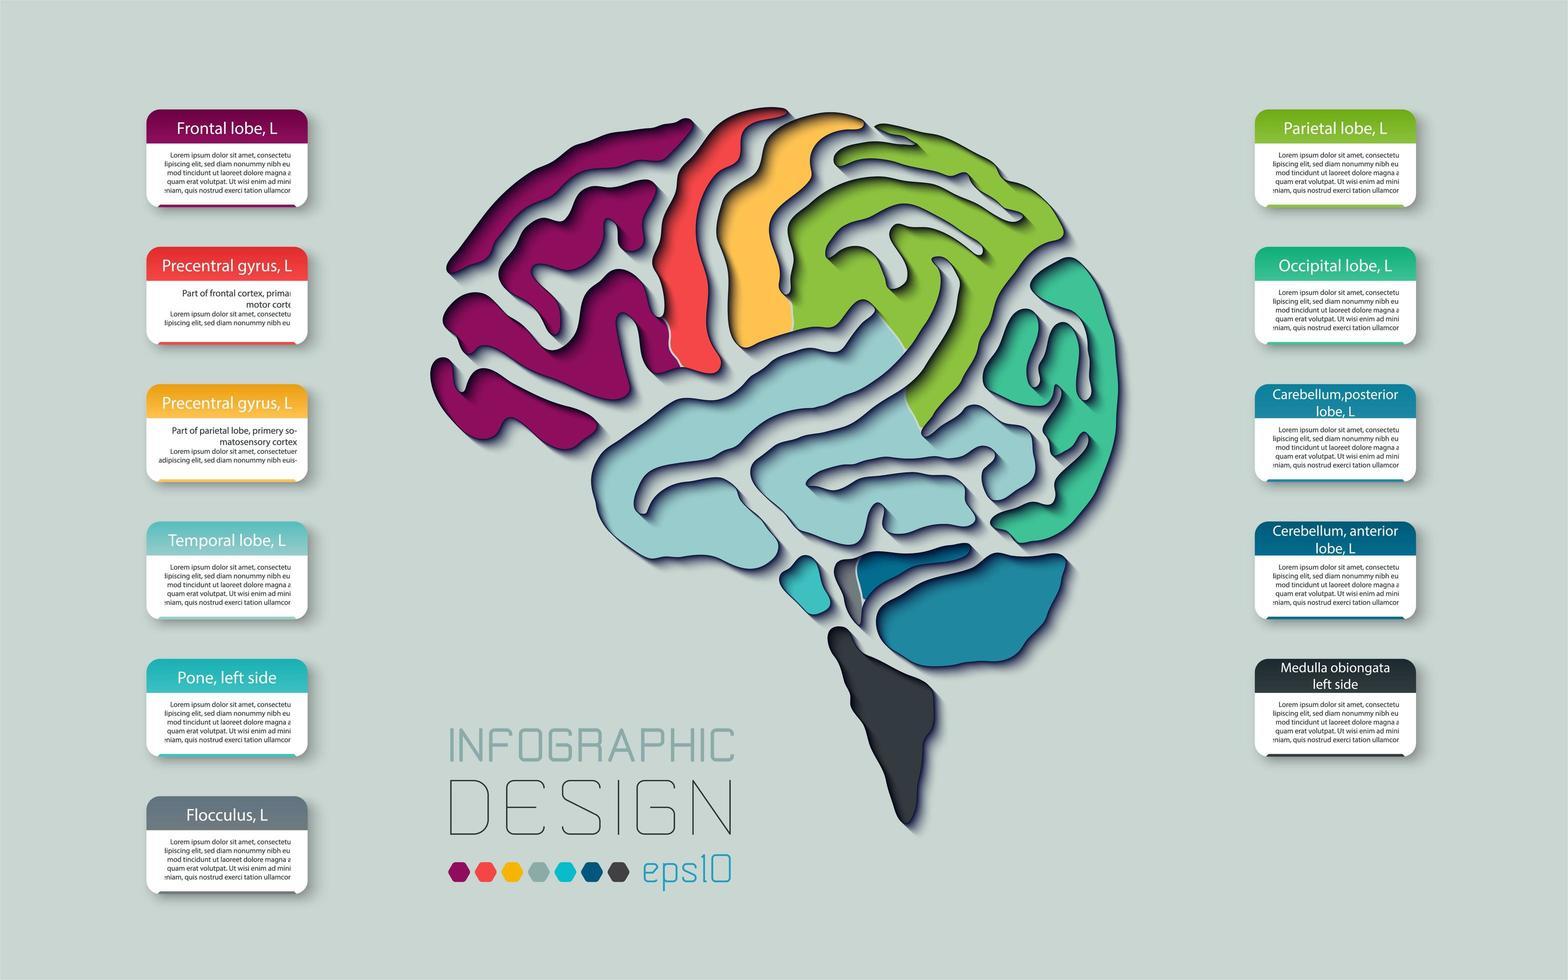 hersenen diagram kleurrijke lijn infographic vector